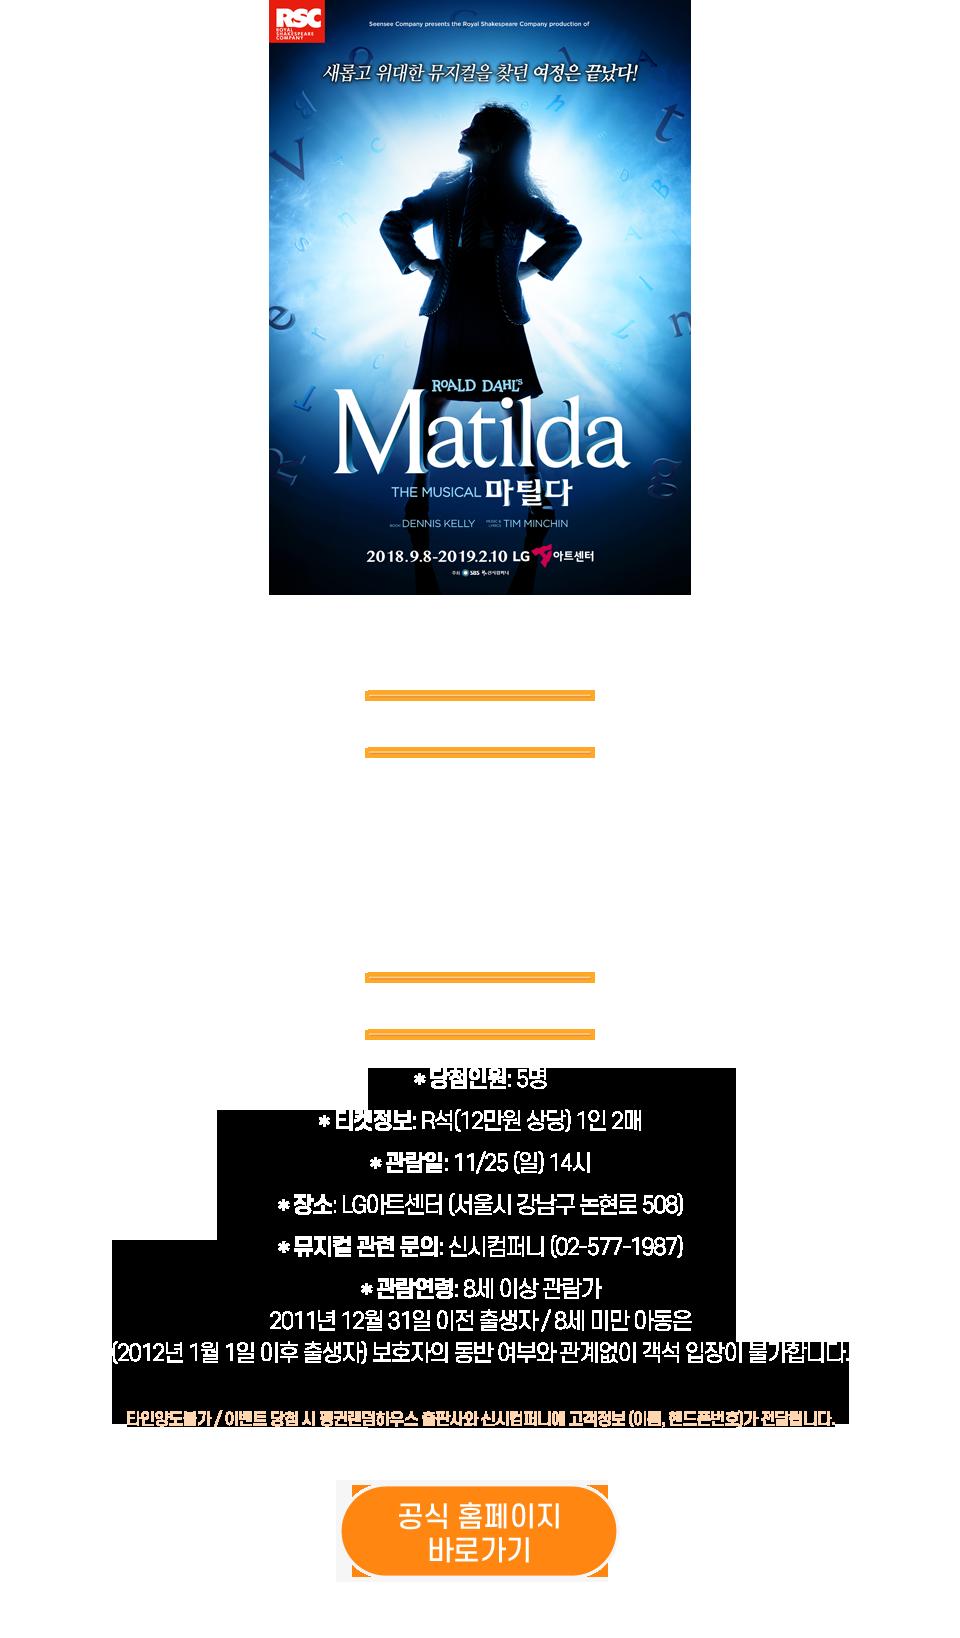 마틸다 공식 홈페이지 바로가기